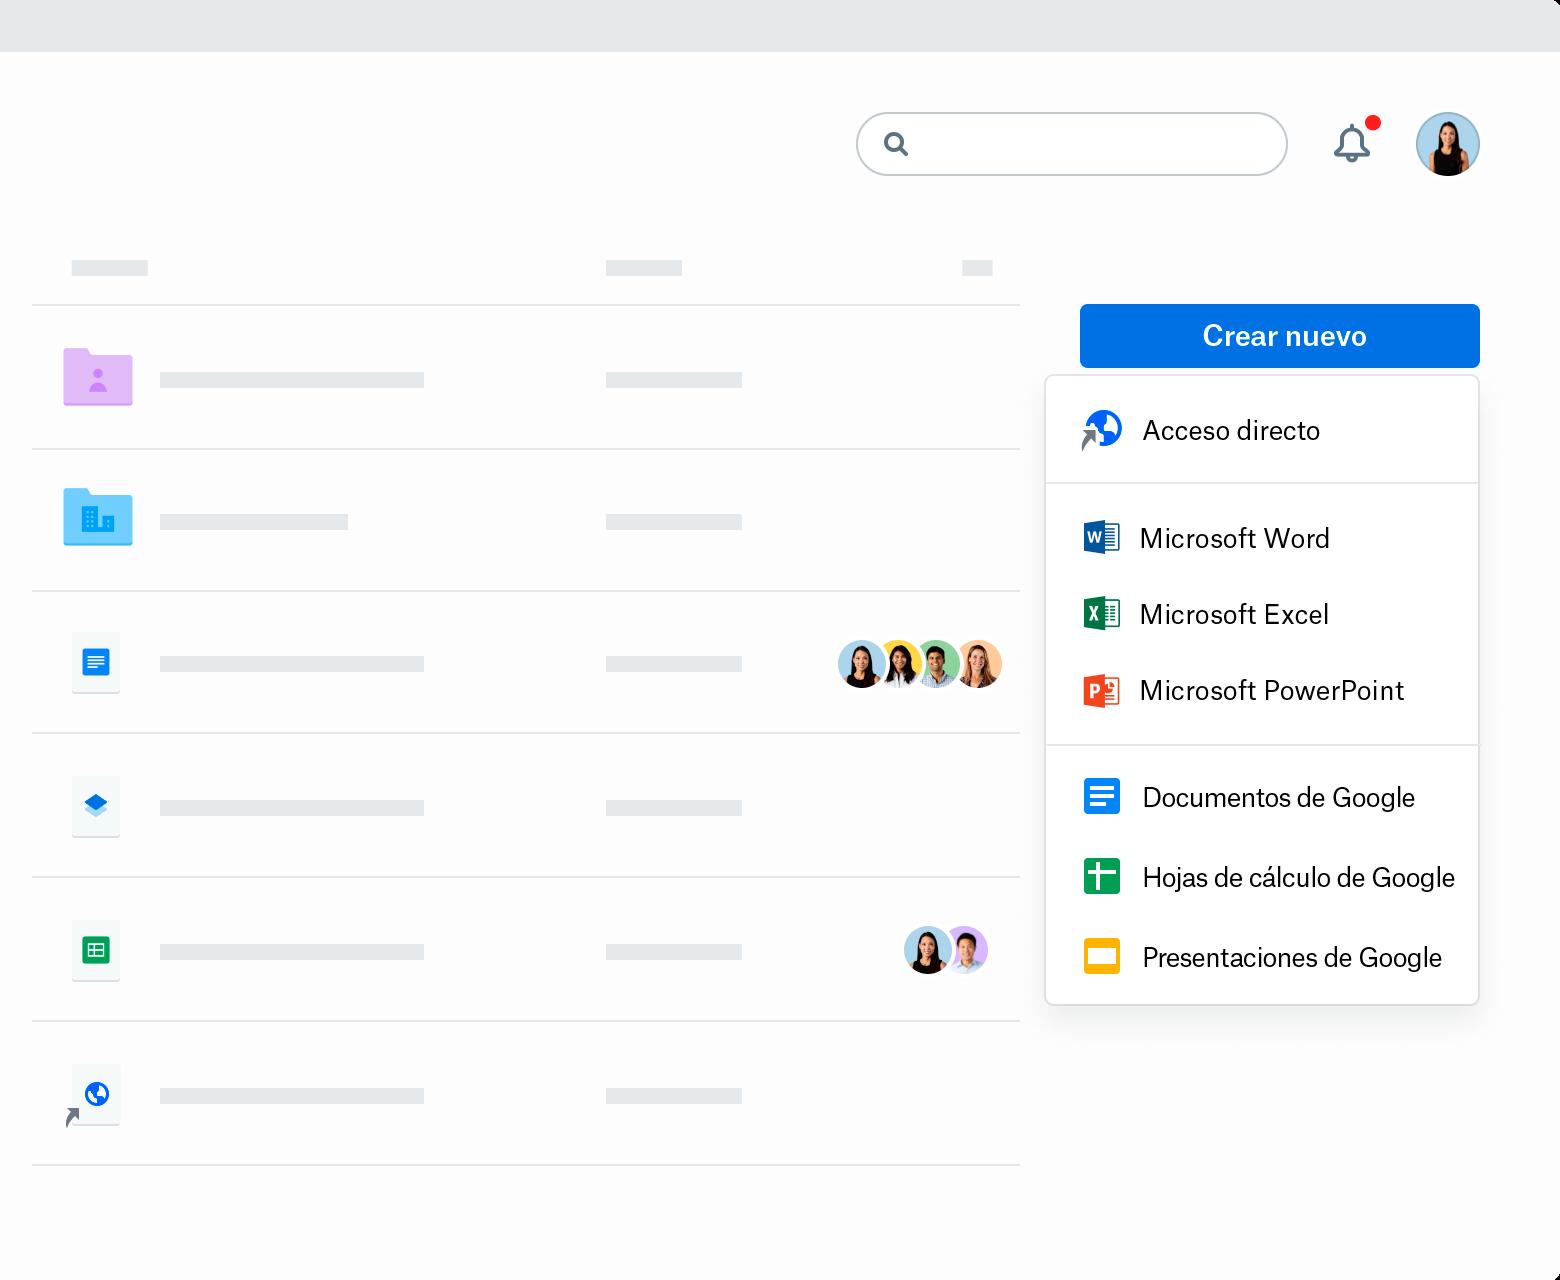 """Captura de pantalla del menú desplegable """"Crear nuevo"""" en Dropbox.com. El menú enumera los accesos directos, Microsoft Word, Microsoft Excel, Microsoft PowerPoint, Google Docs, Google Sheets y Google Slides."""